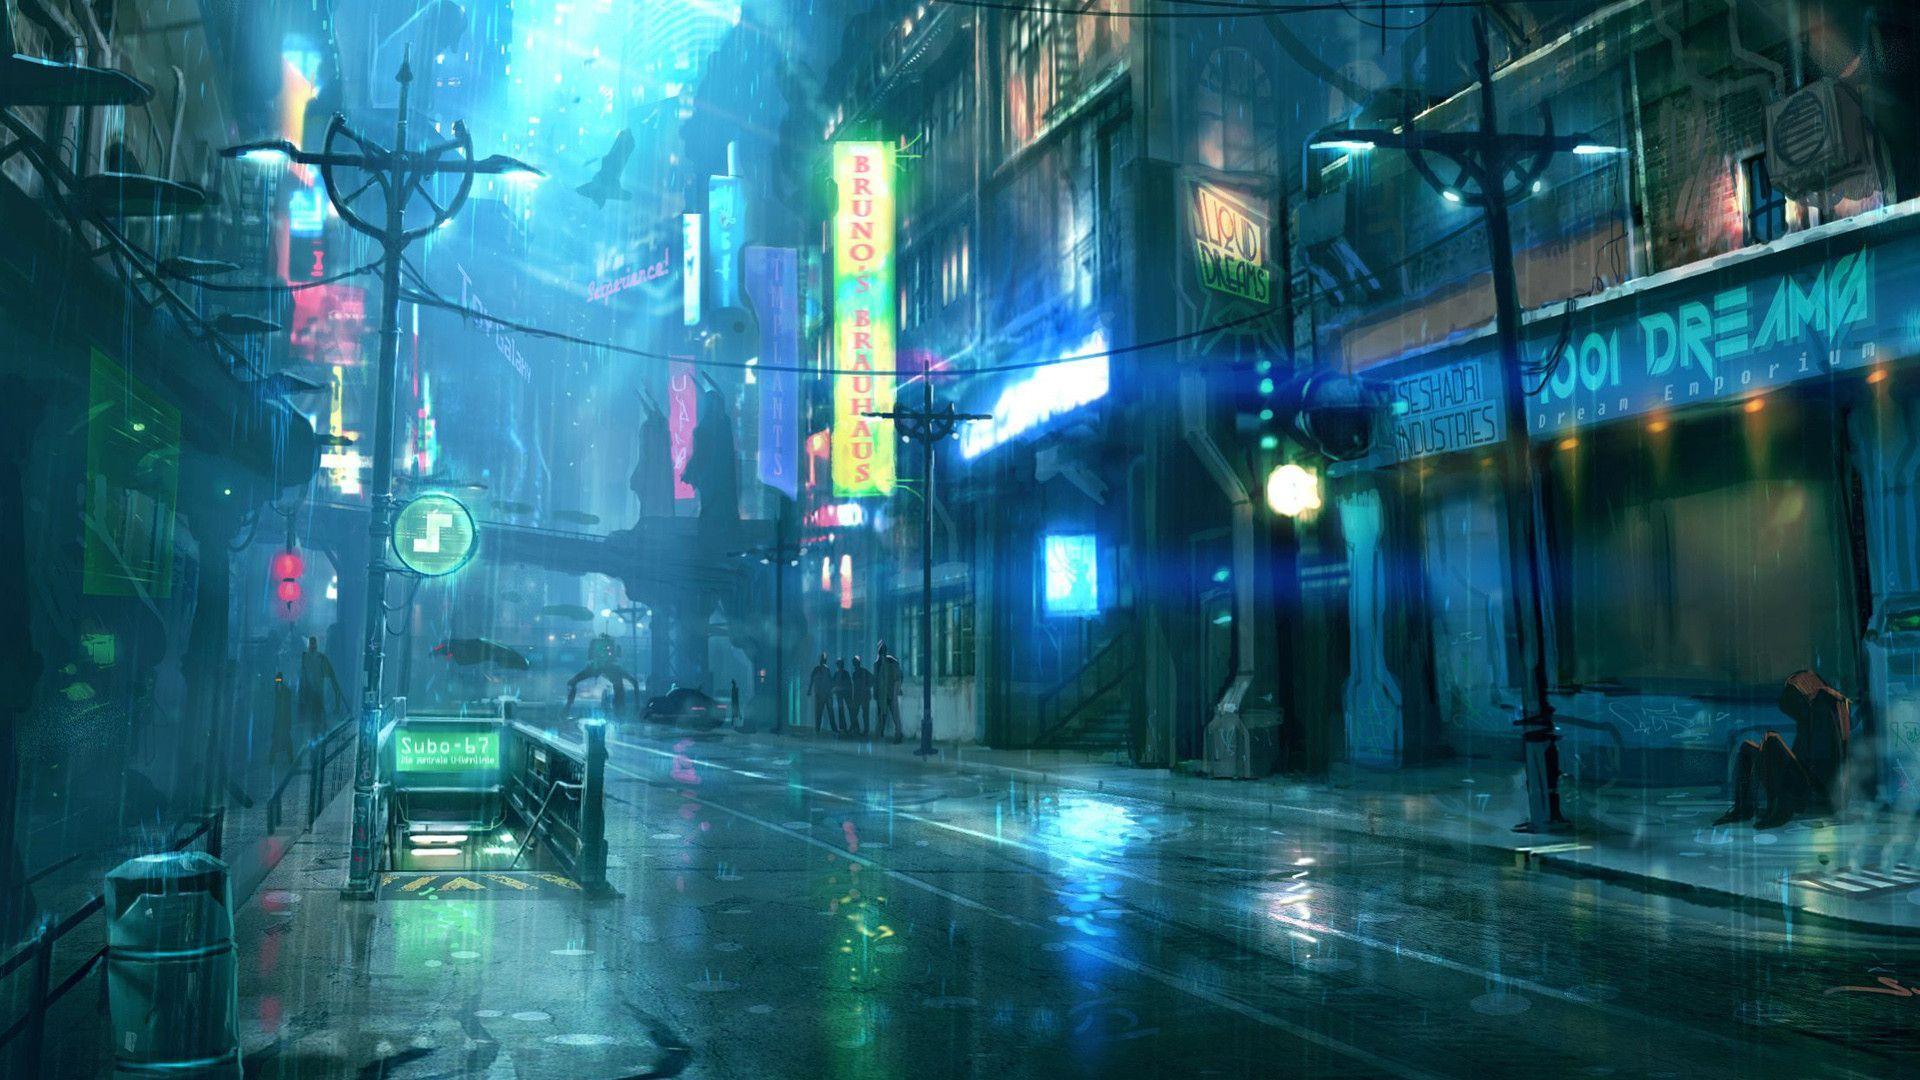 Dark Cyberpunk Street Cool Wallpapers Ville Cyberpunk Paysage Manga Art Cyberpunk